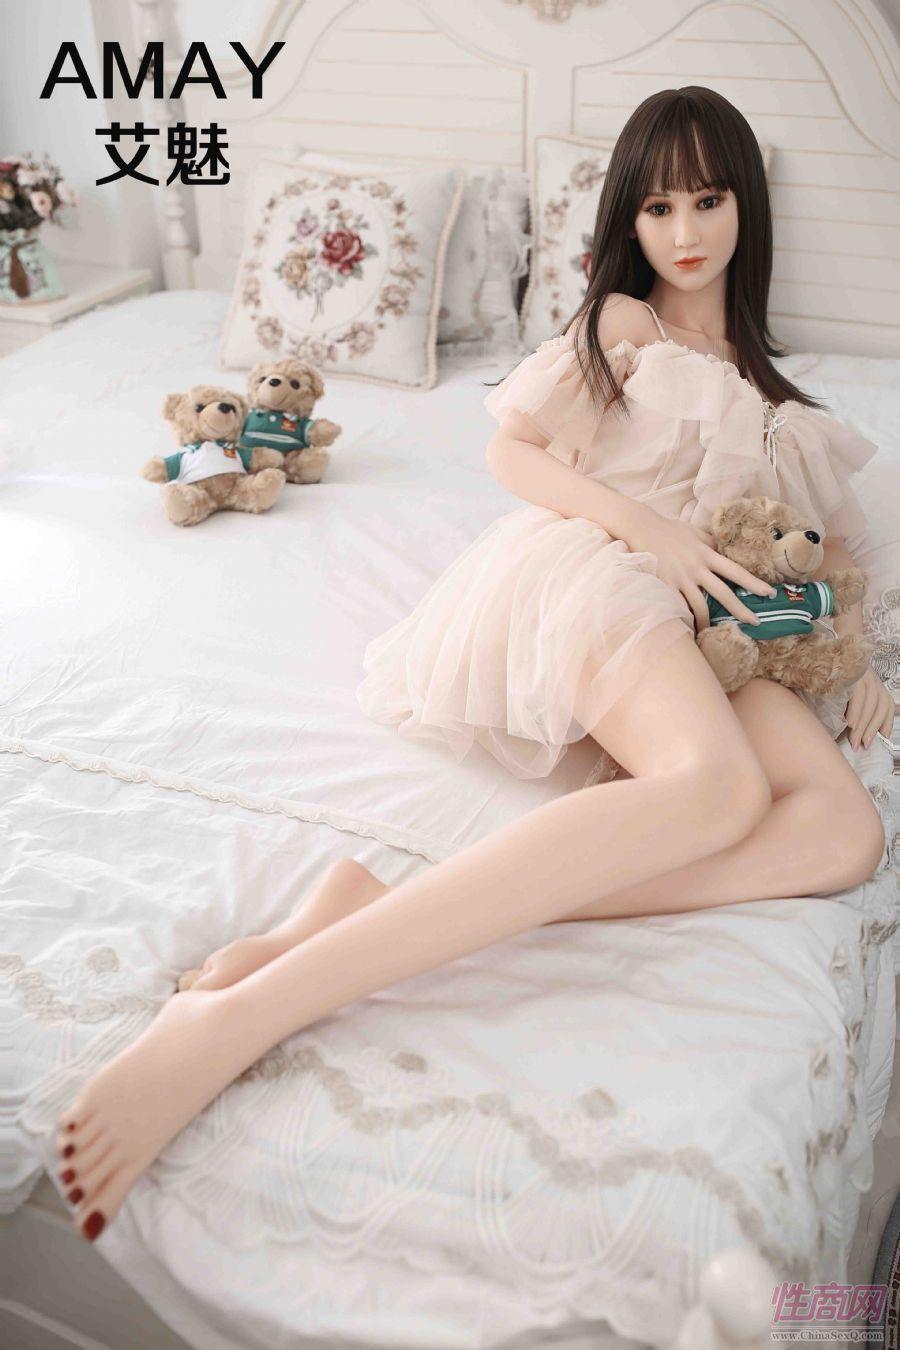 艾魅/AMAY硅胶实体娃娃高冷女神-依依